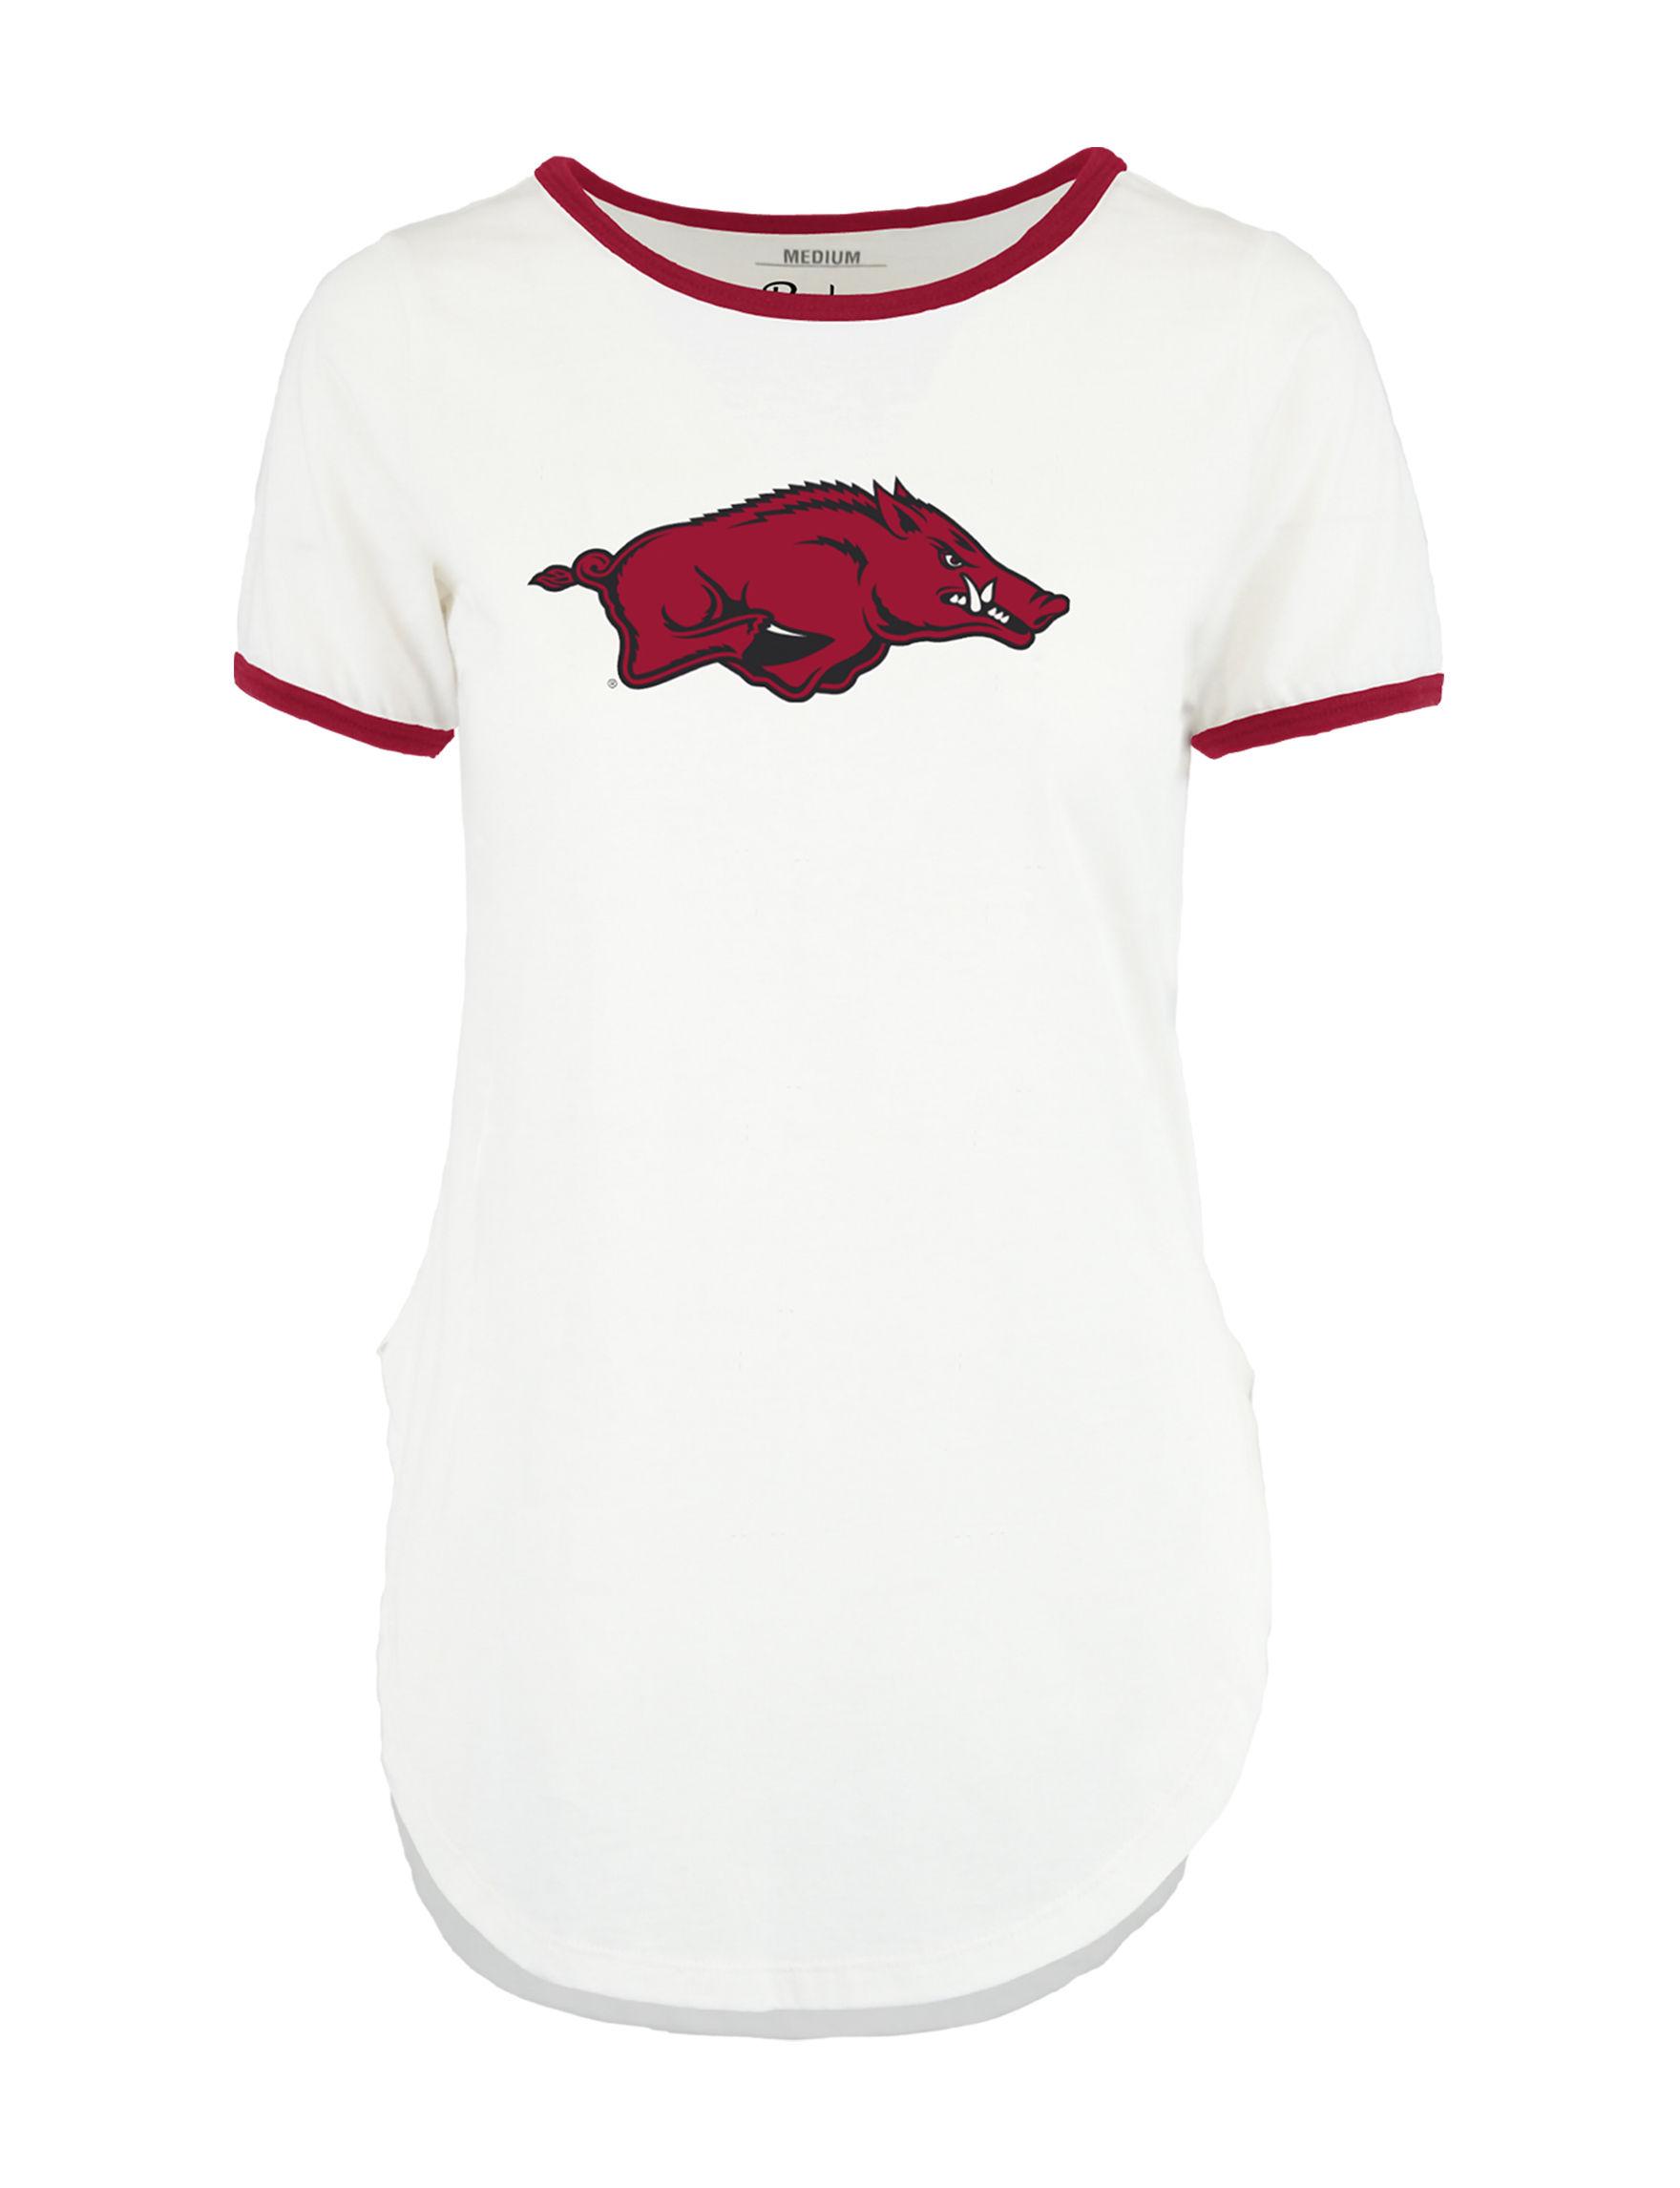 NCAA Red / White Tees & Tanks